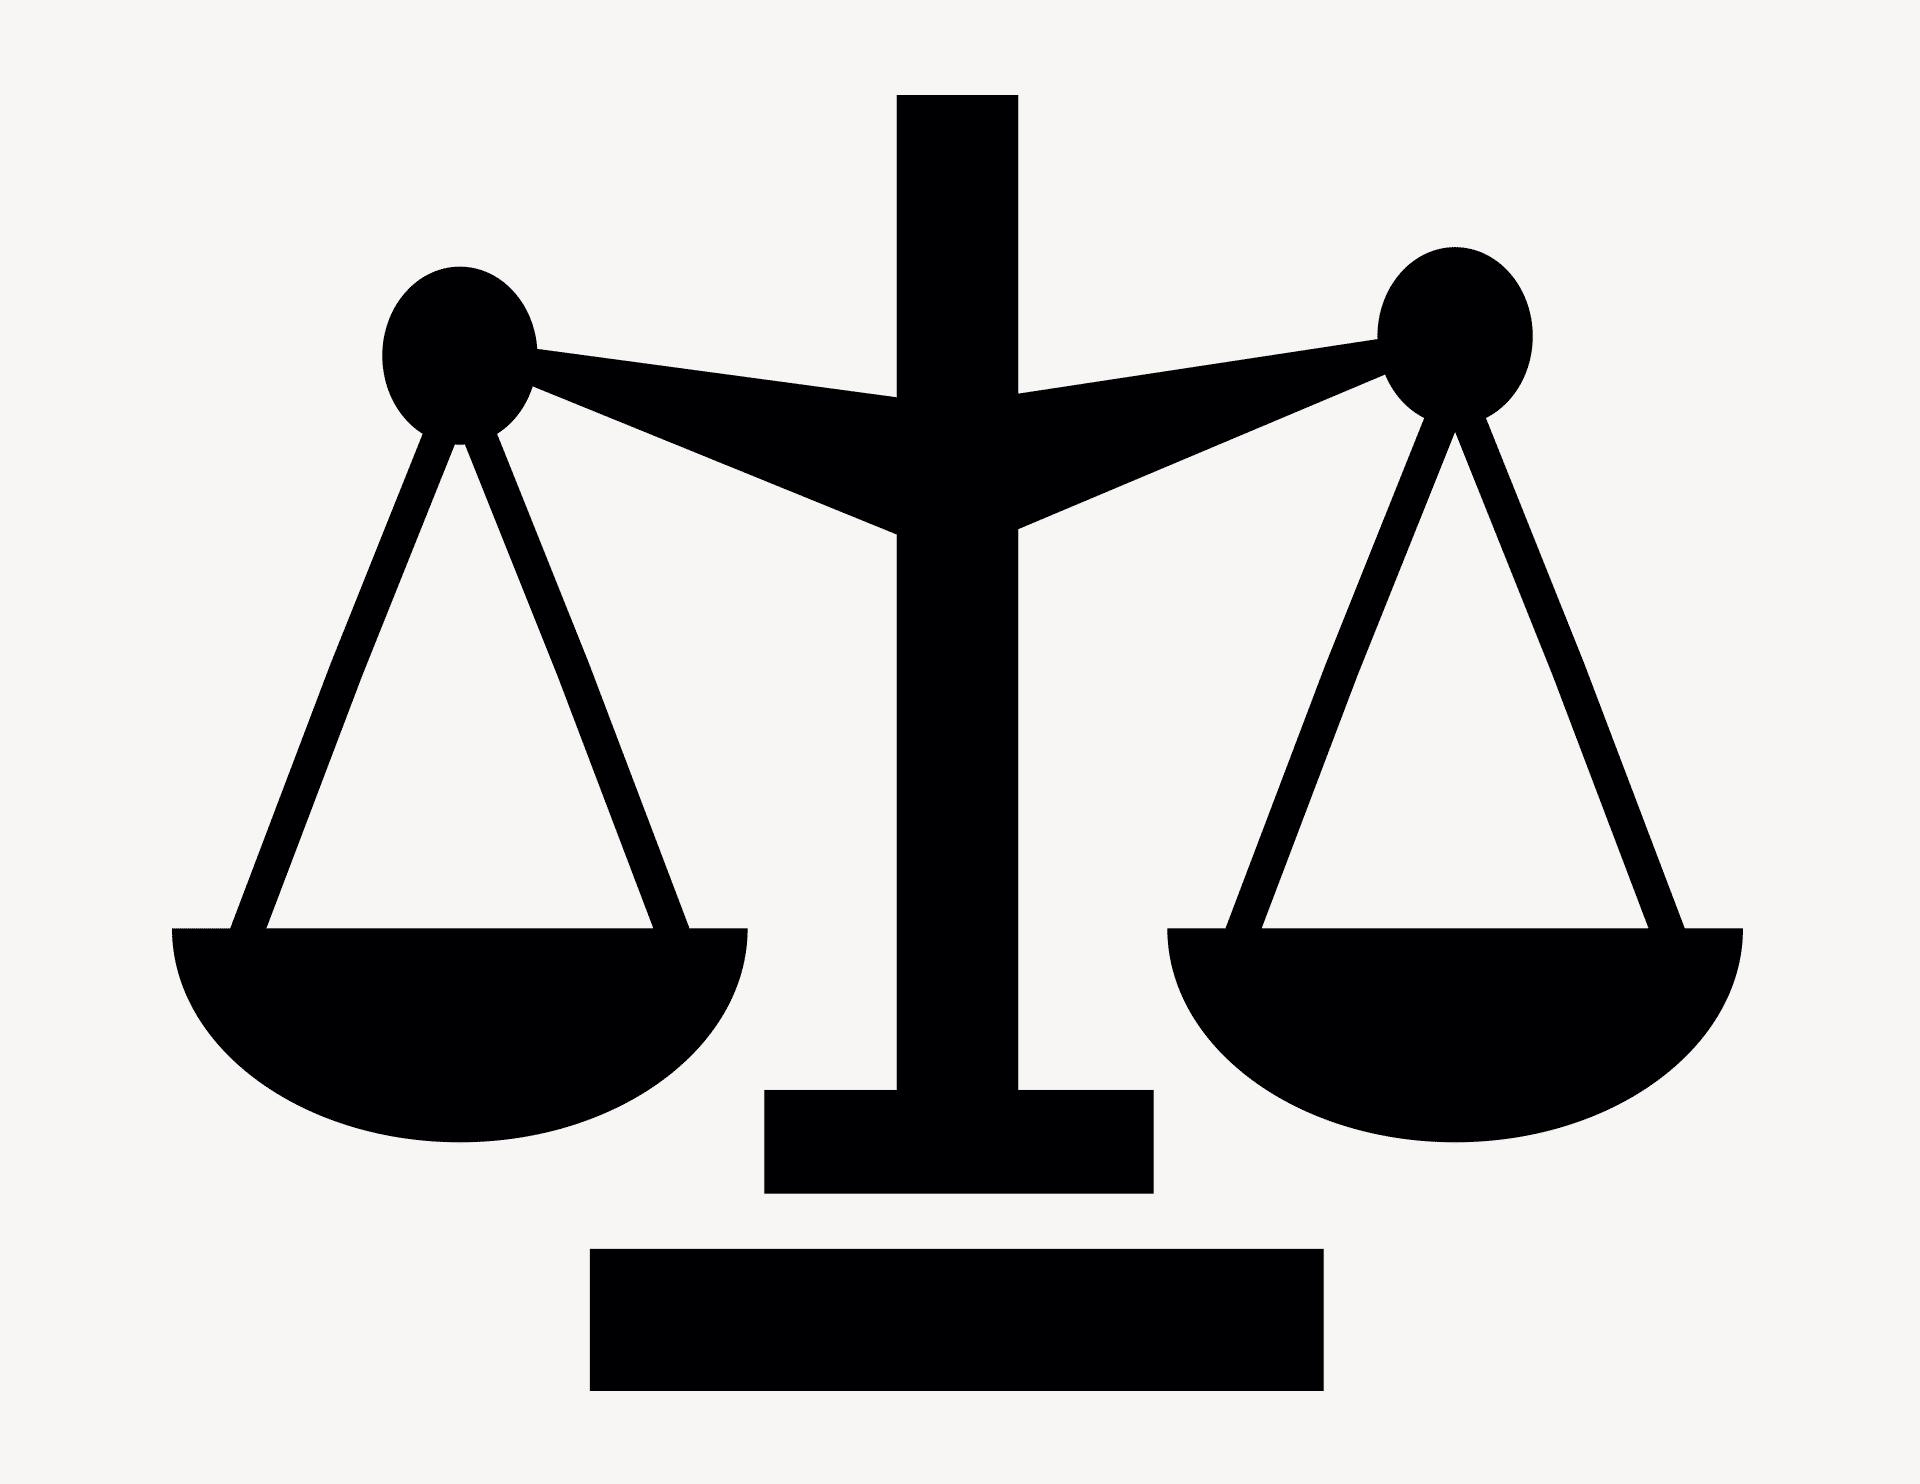 объявление услугах эмблема юристов картинки это